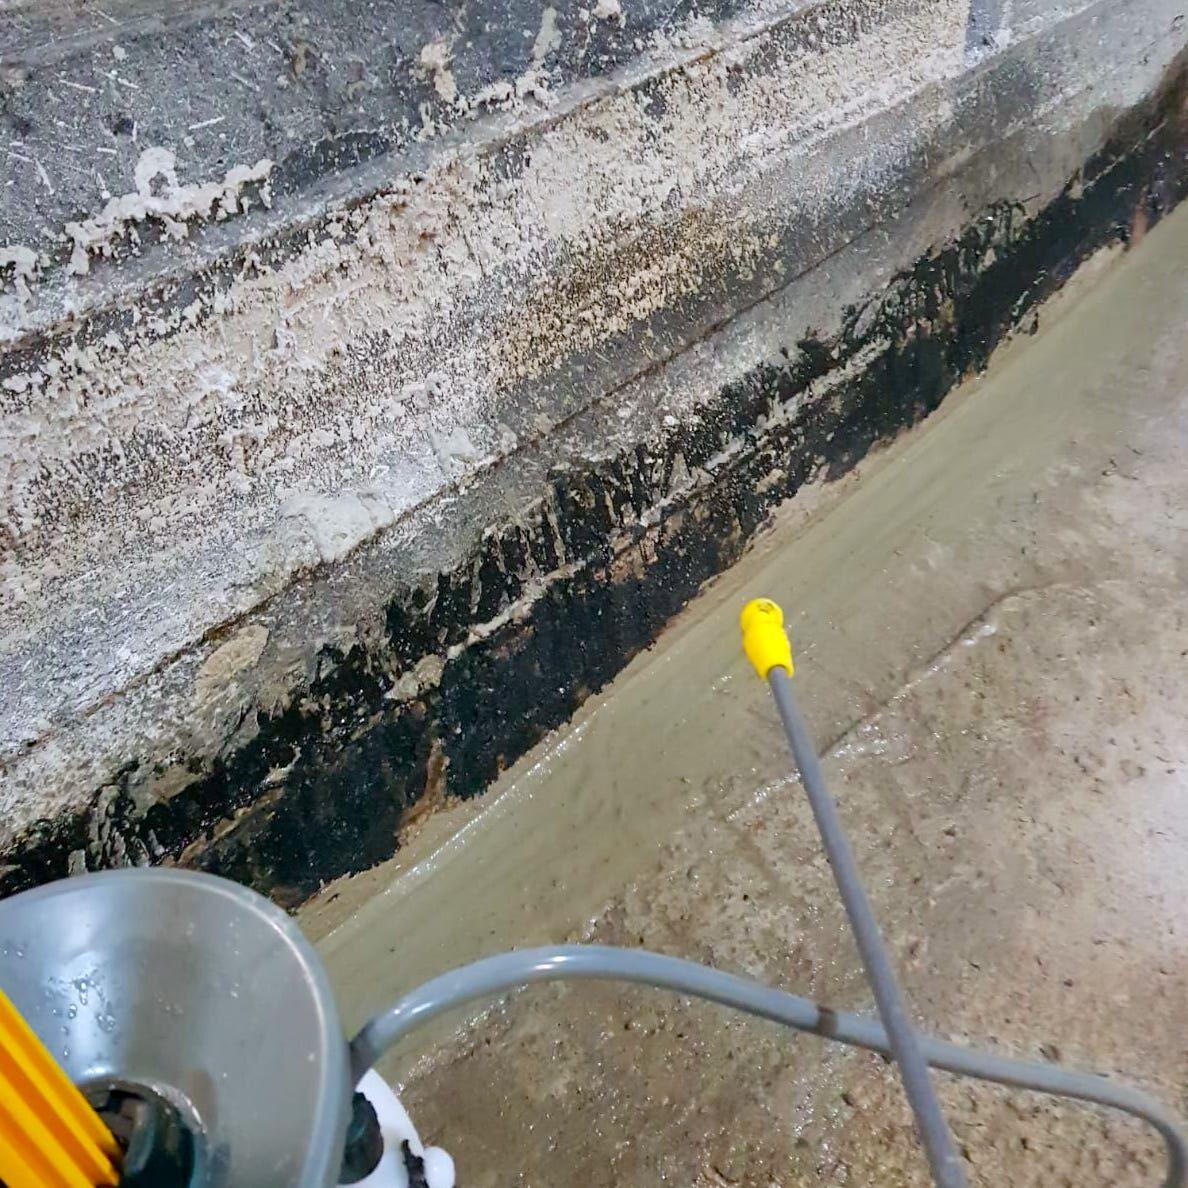 komsol innerseal drueckendes wasser versiegeln gasbrenner plug ausbessern plug k 1 Kopie